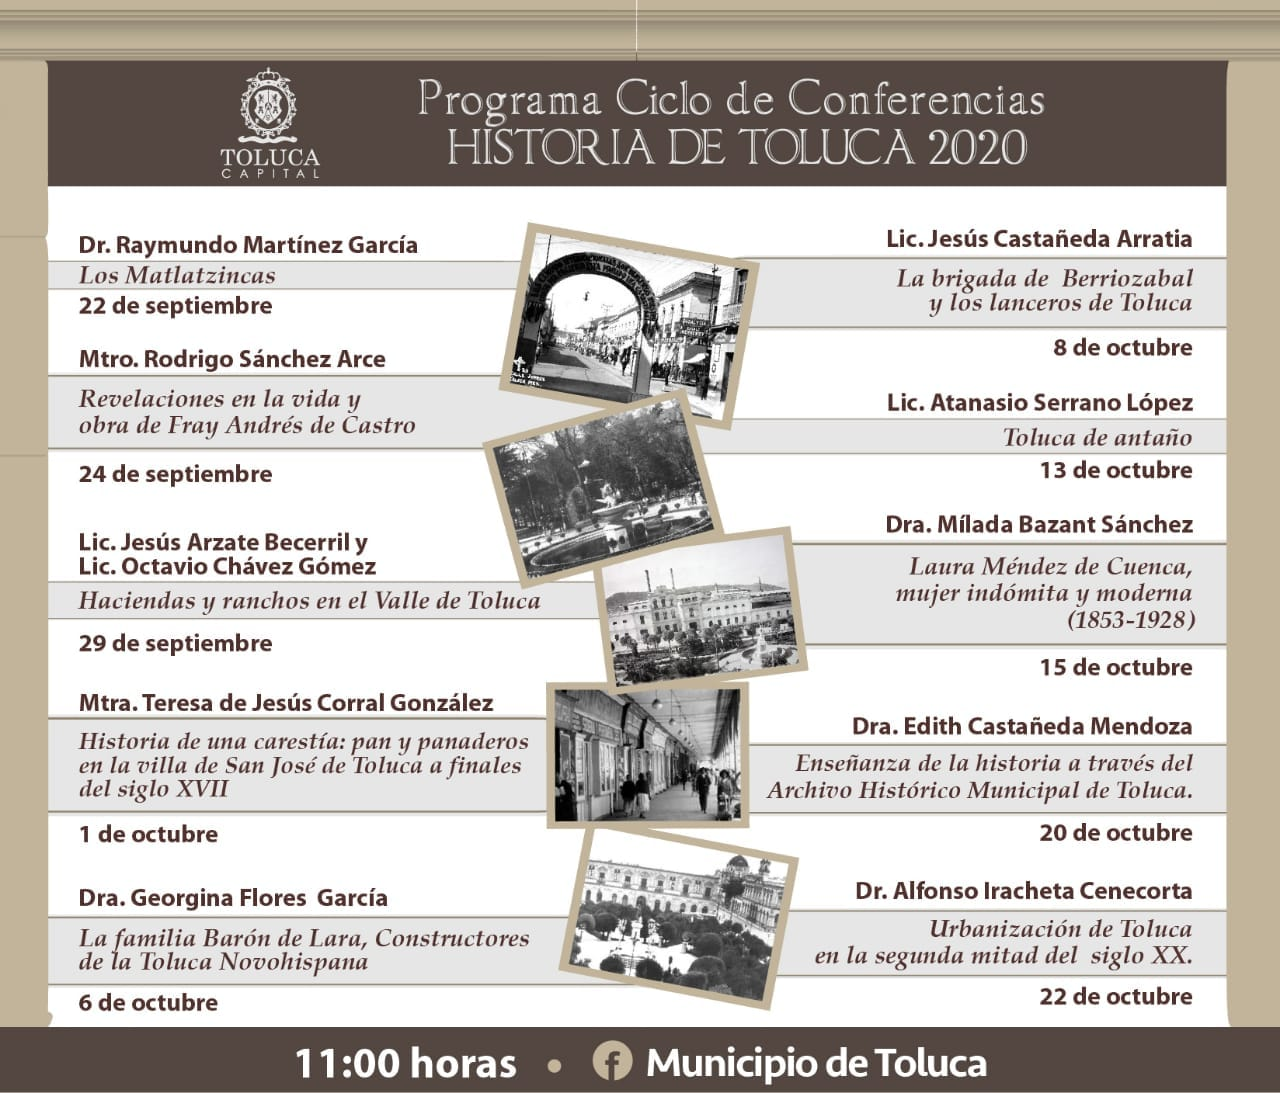 Ciclo de conferencias de la historia de Toluca